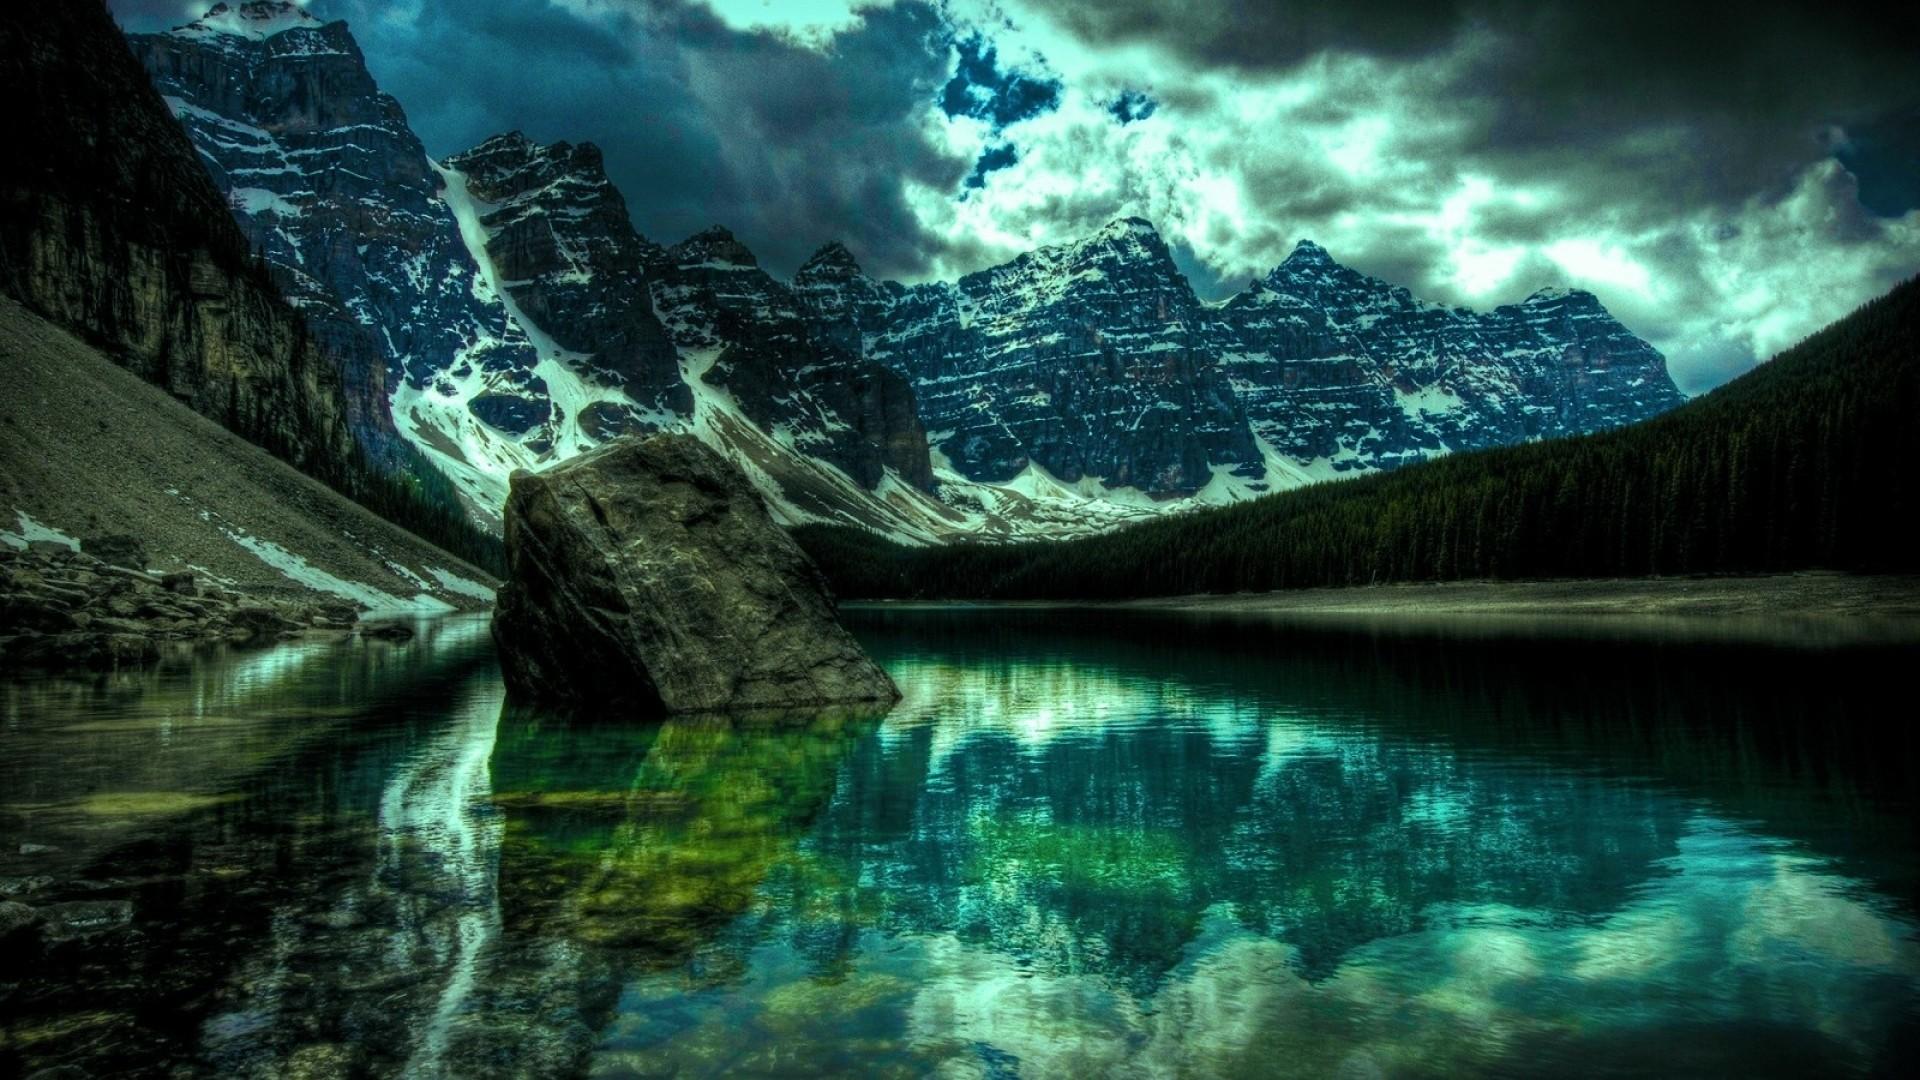 Hd Landscape Wallpaper 1920x1080 68 Images